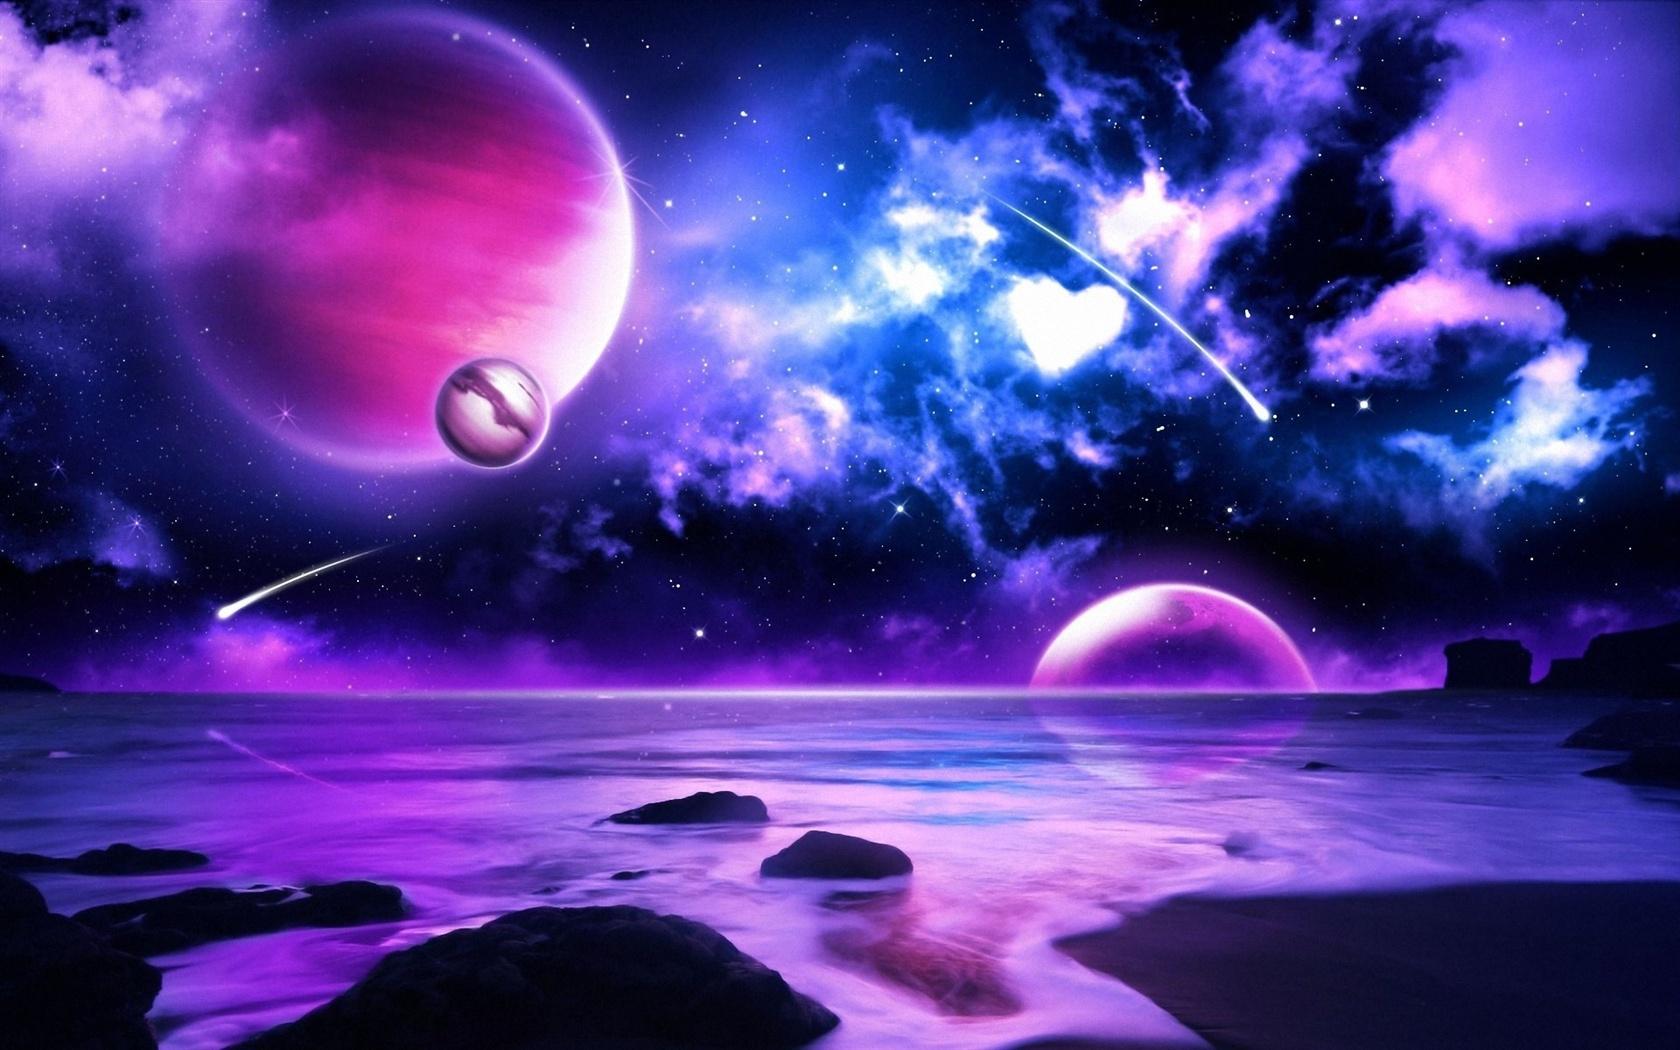 Best 25 Purple Wallpaper Ideas On Pinterest: Fonds D'écran Météores Planète Mauve Dans L'espace